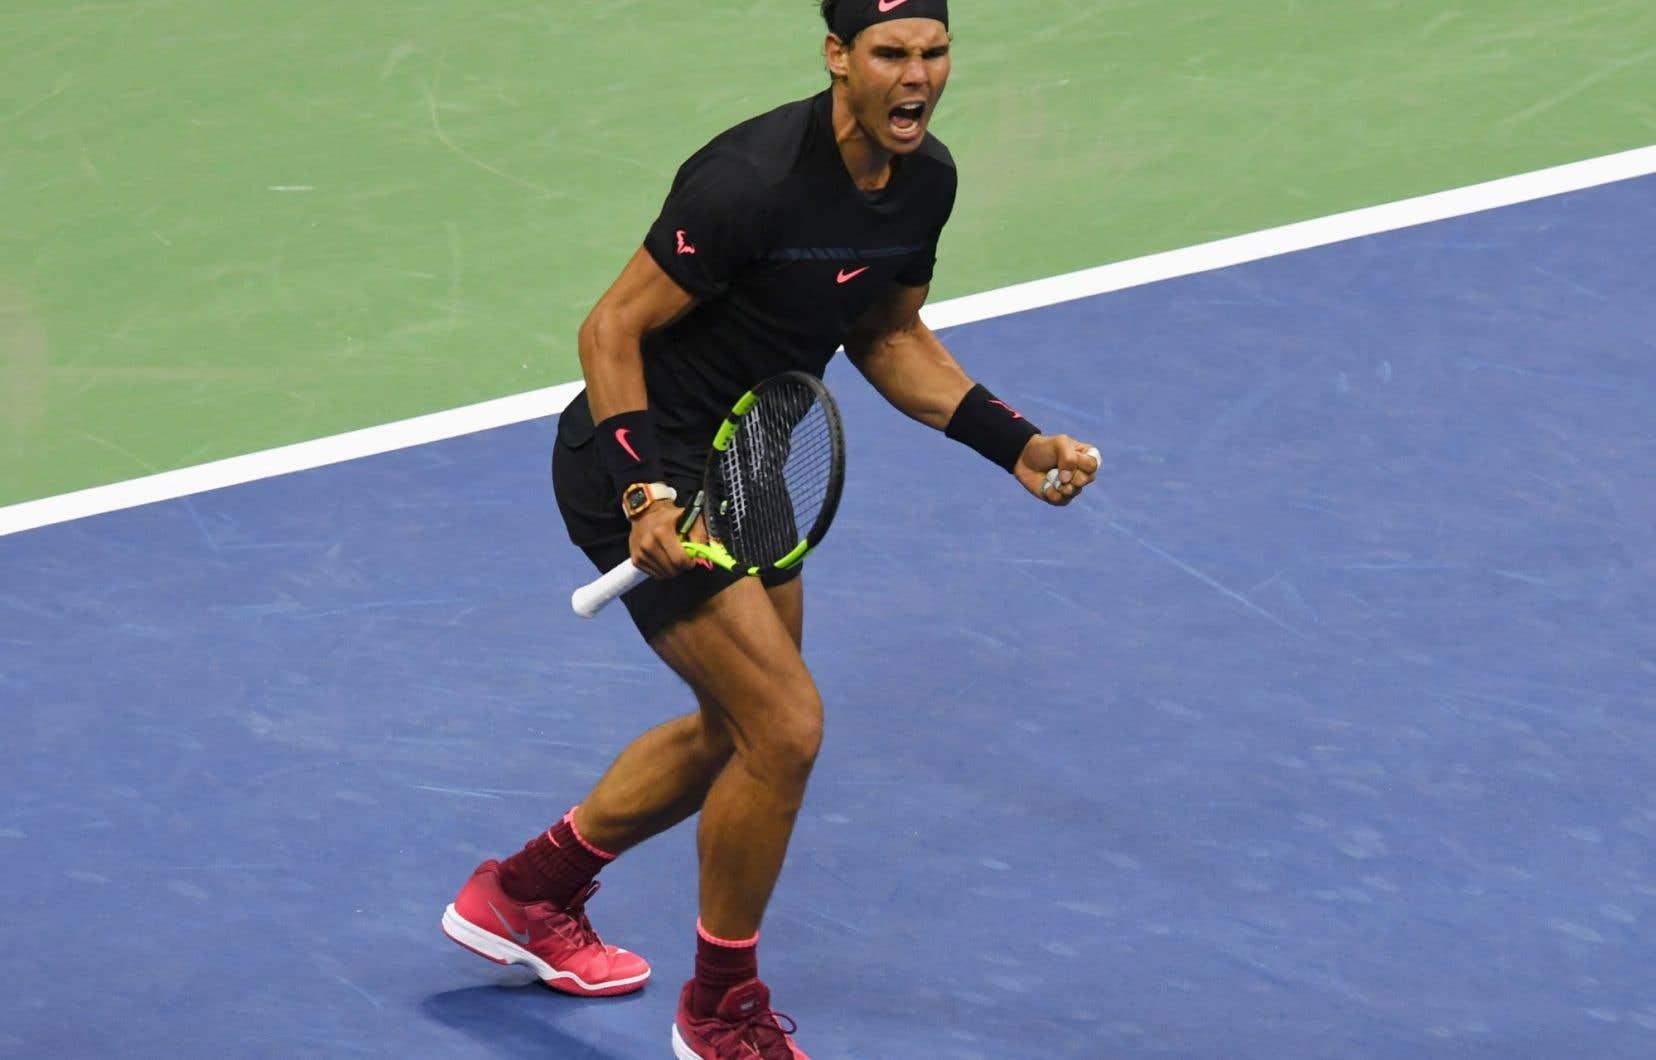 Le favori du tournoi, Rafael Nadal, sera à la recherche d'un troisième titre à Flushing Meadows.